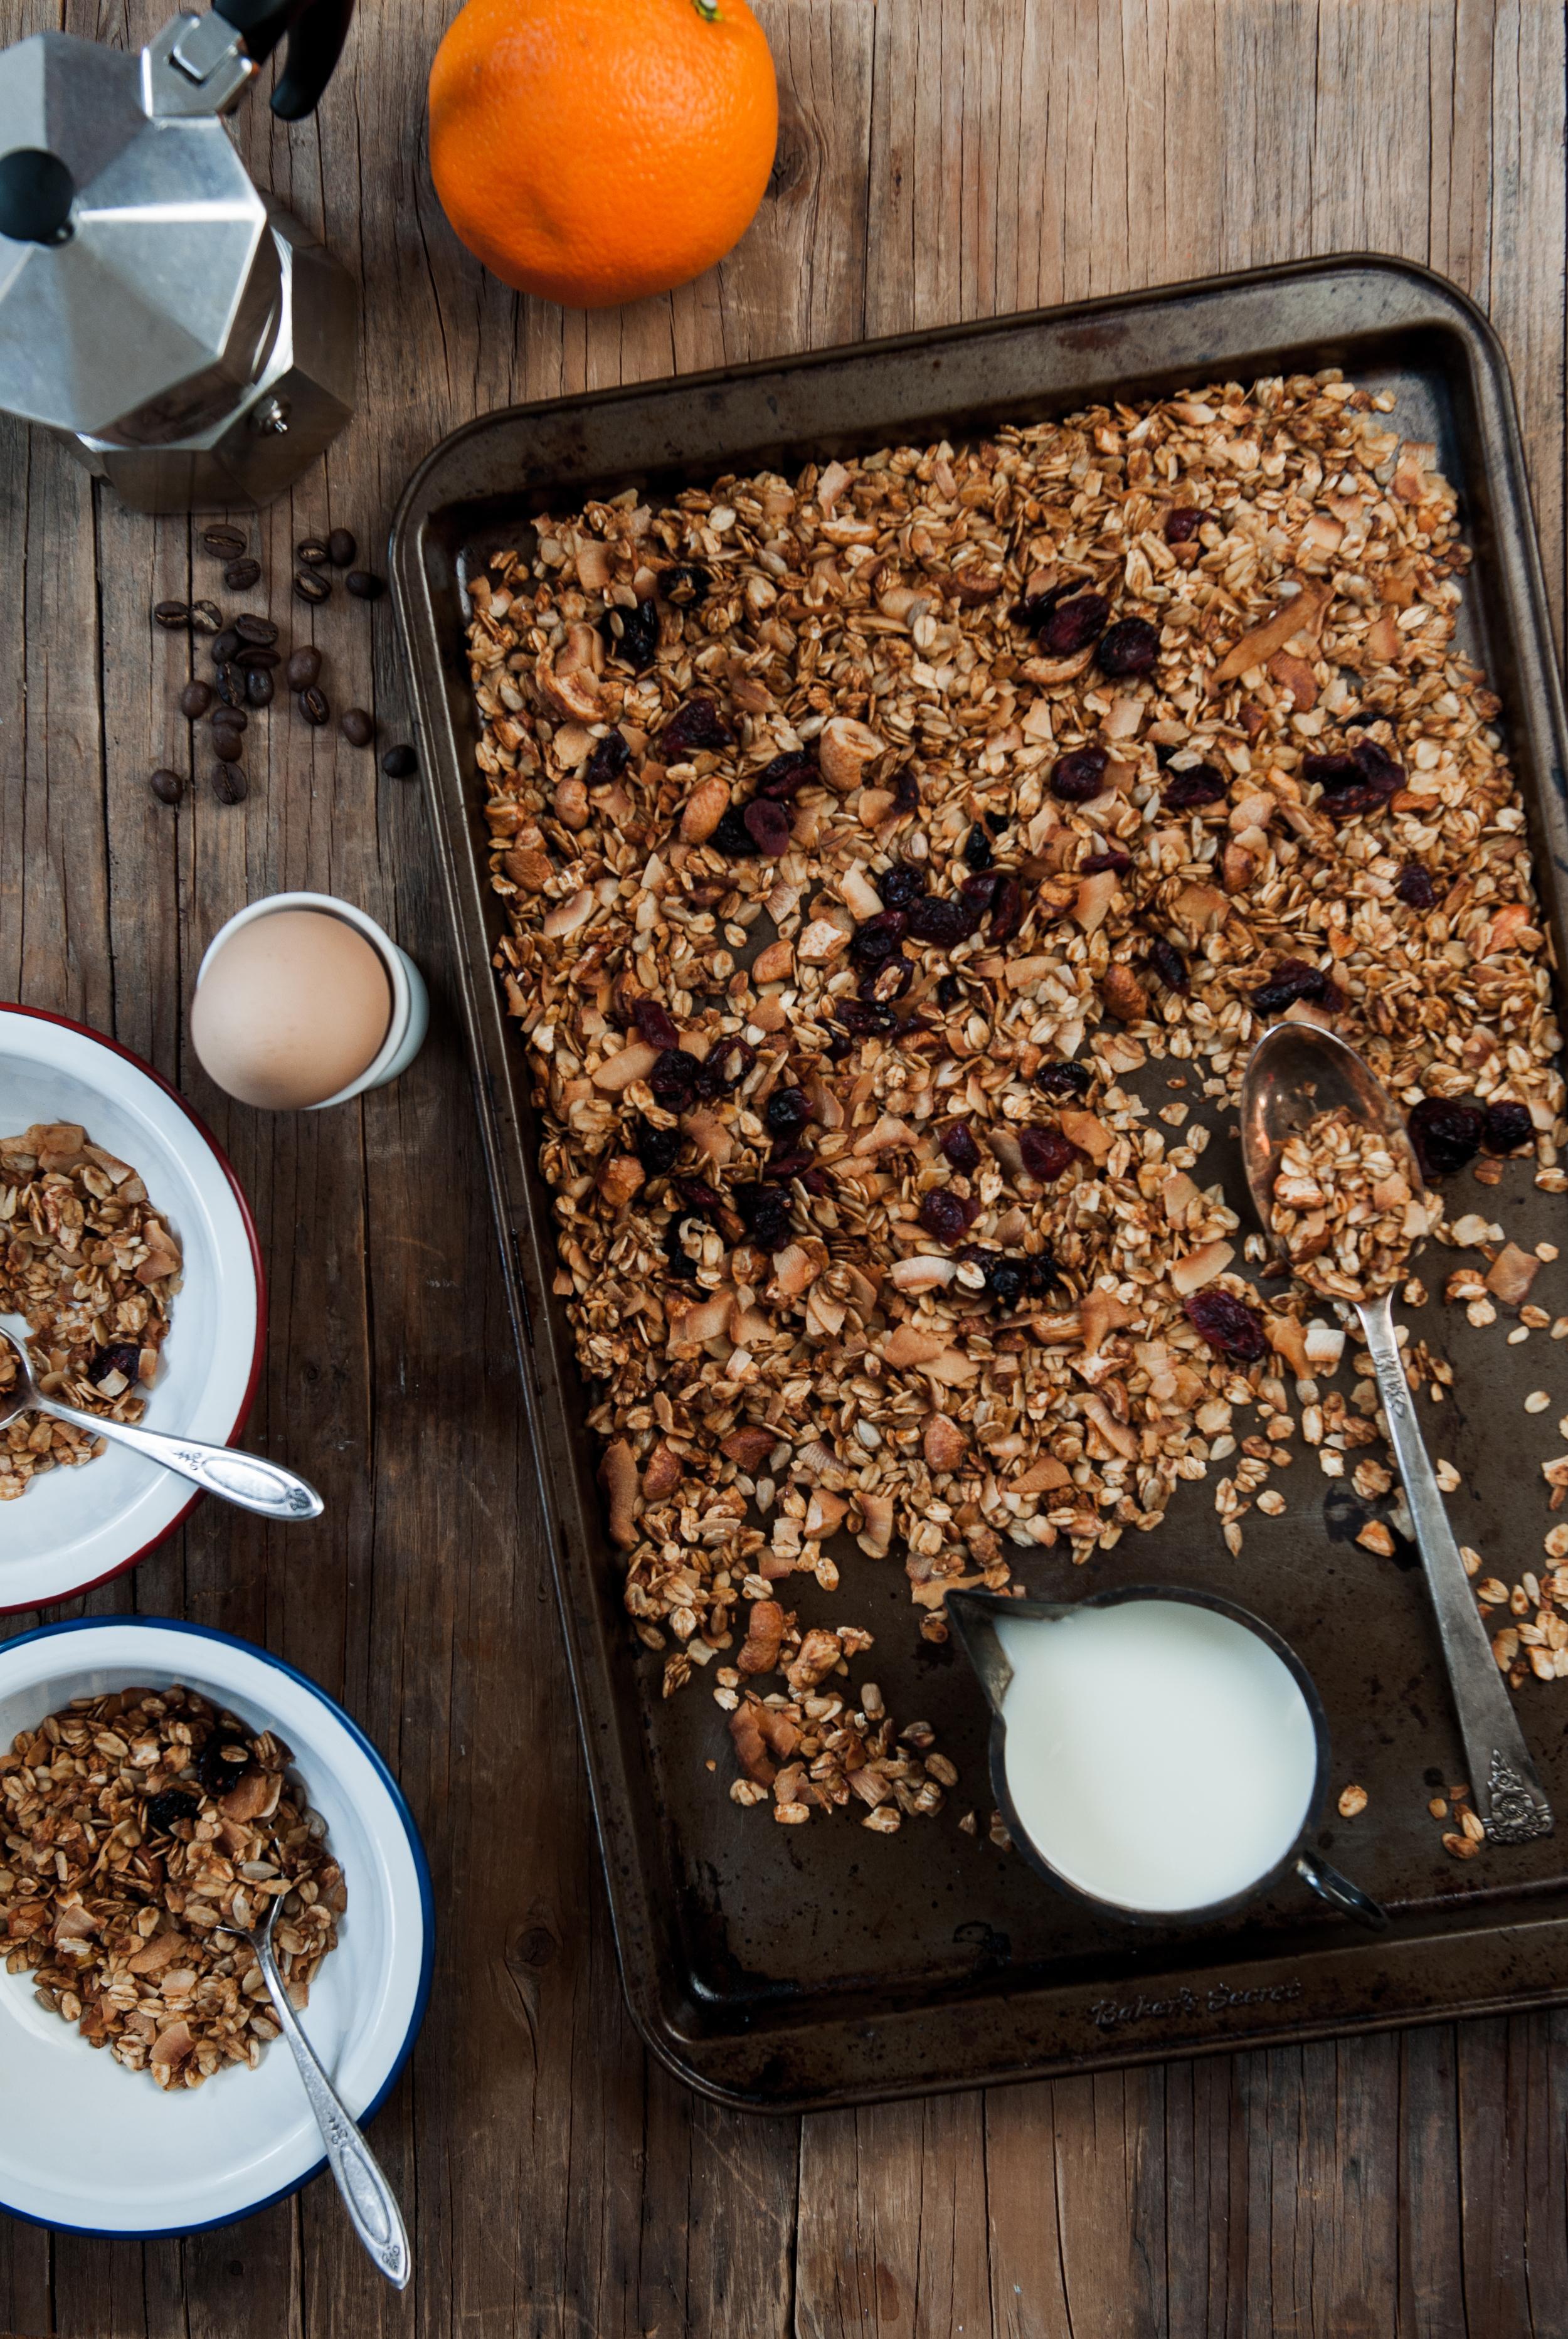 Homemade-breakfast-granola.jpg